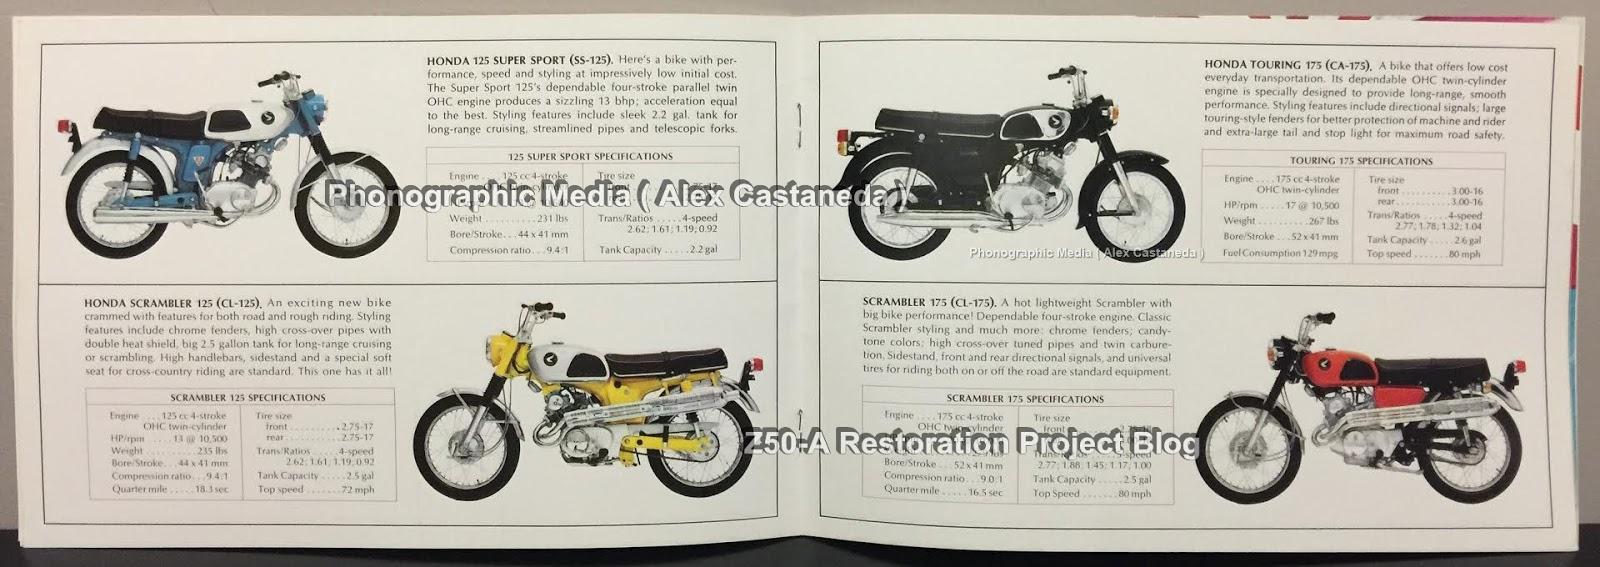 EBay 1980 HONDA Z50 J 1 MONKEY BIKE Only 1699 Miles